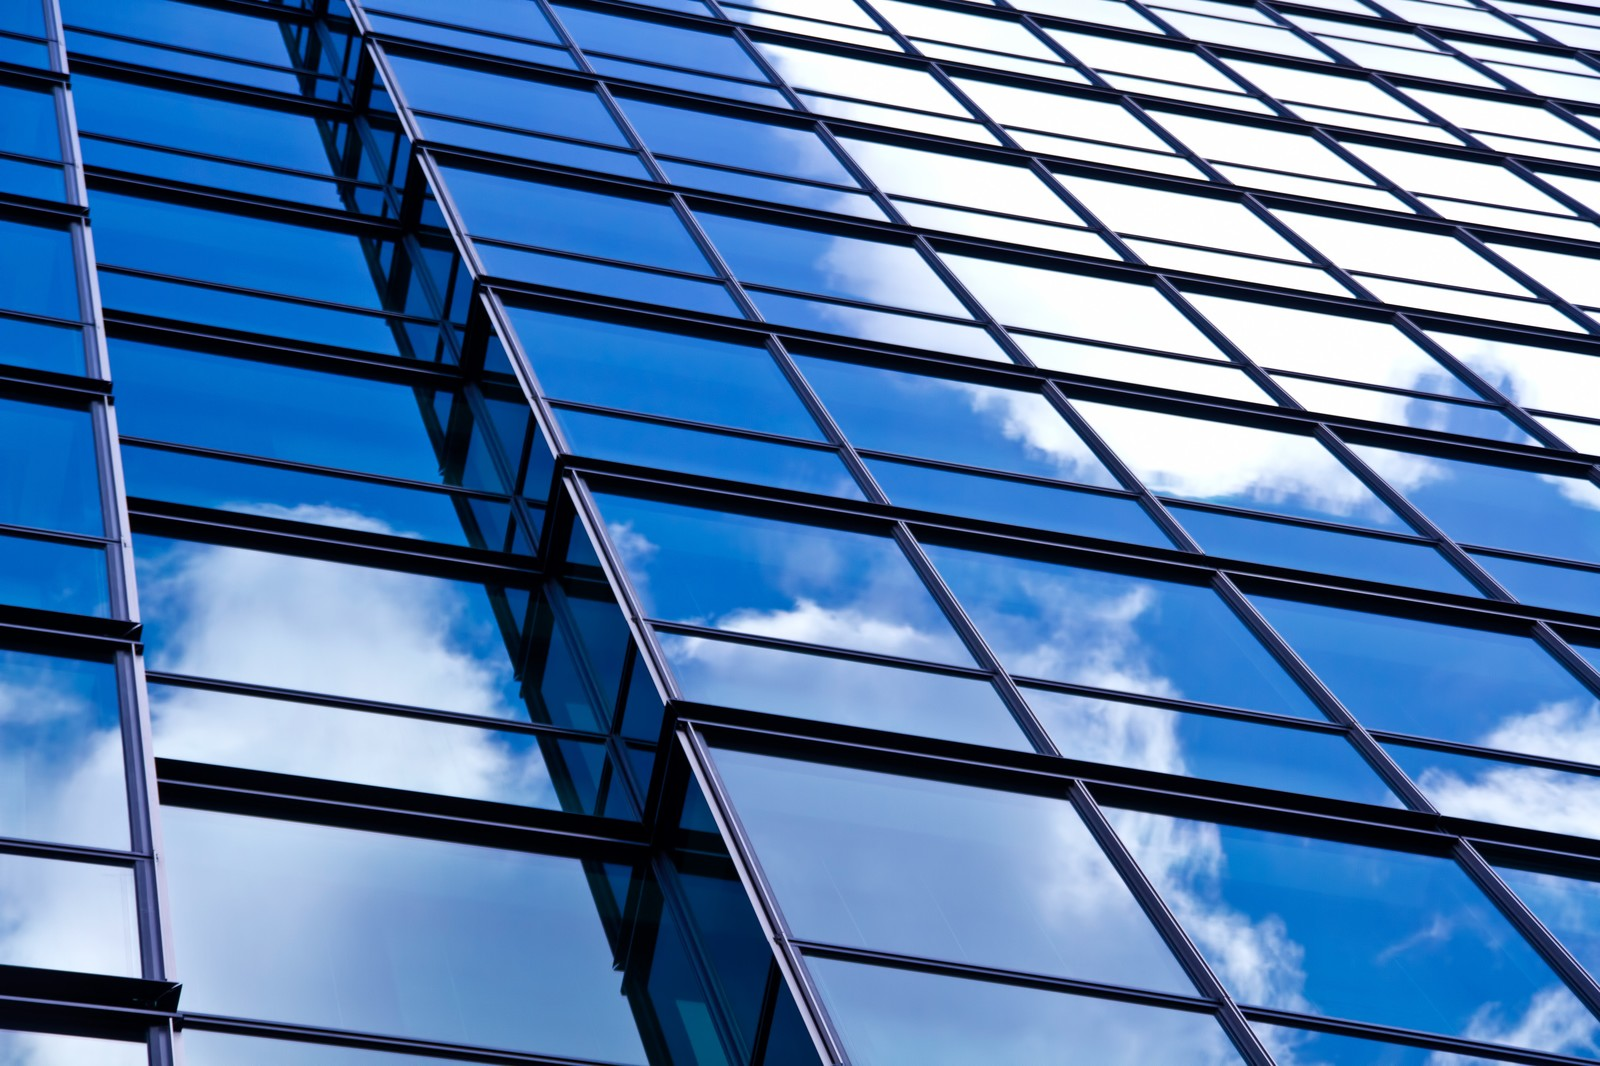 「反射された青い空」の写真